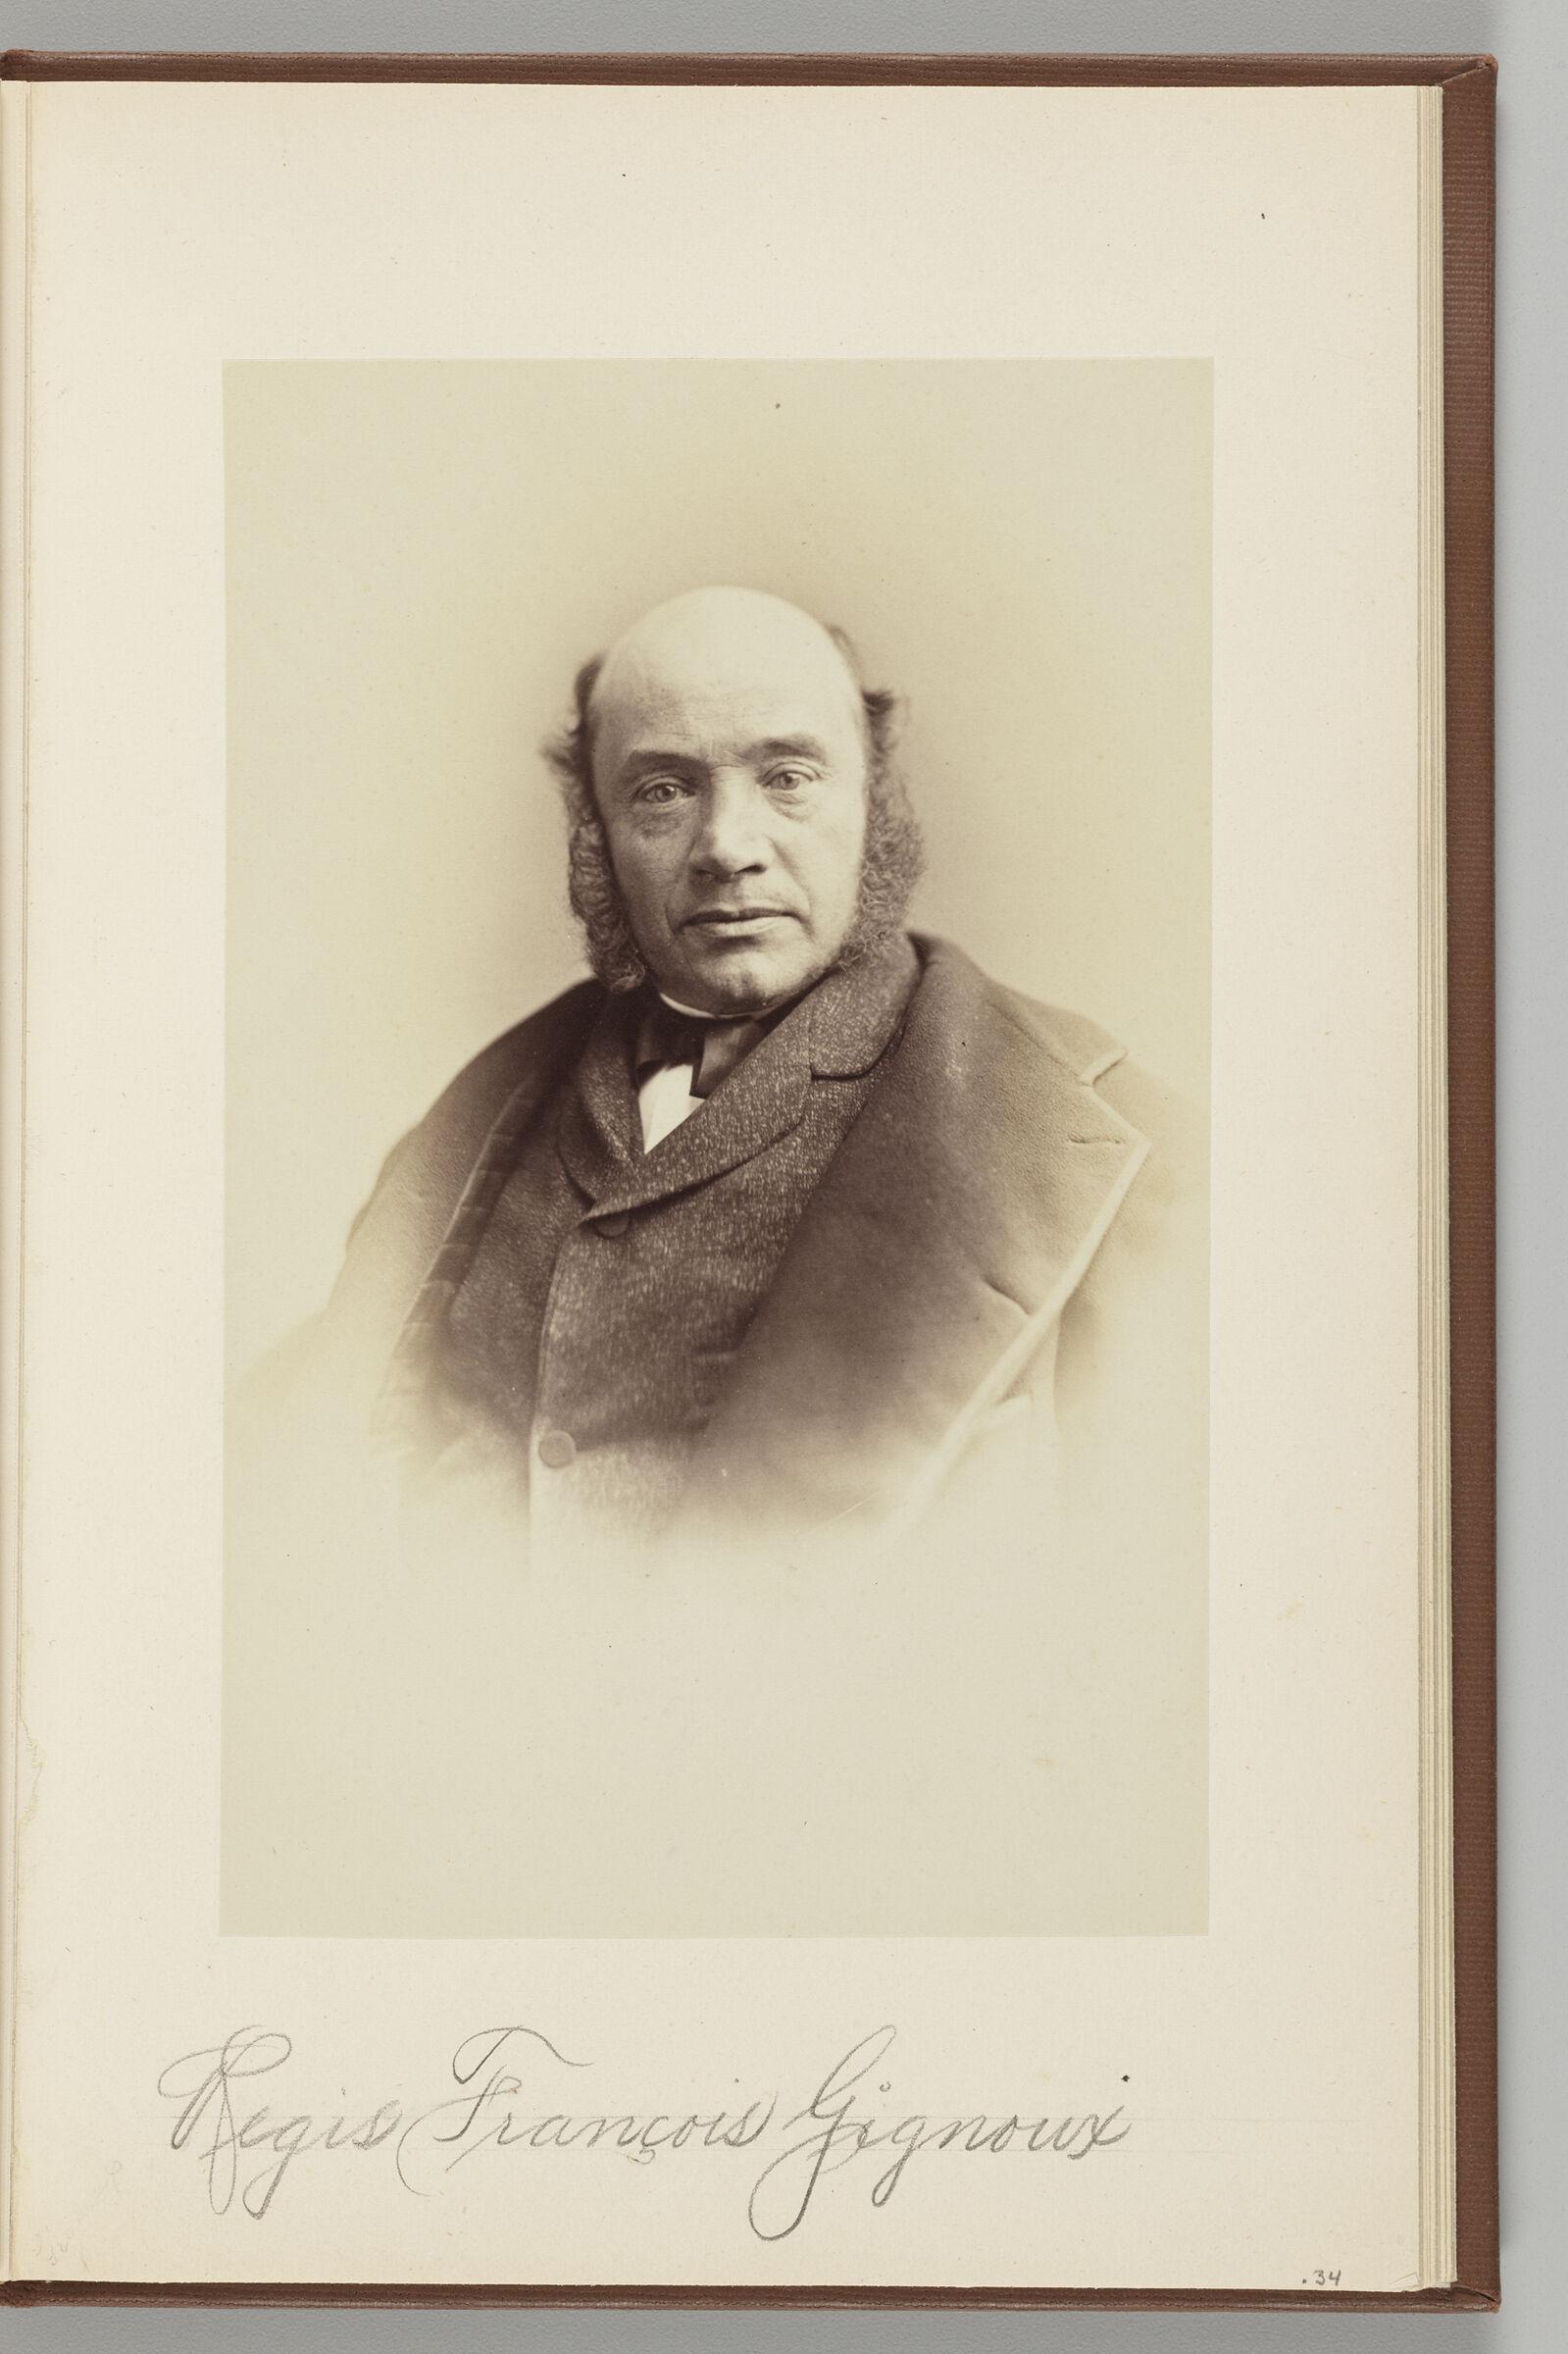 Régis François Gignoux (1816-1882)